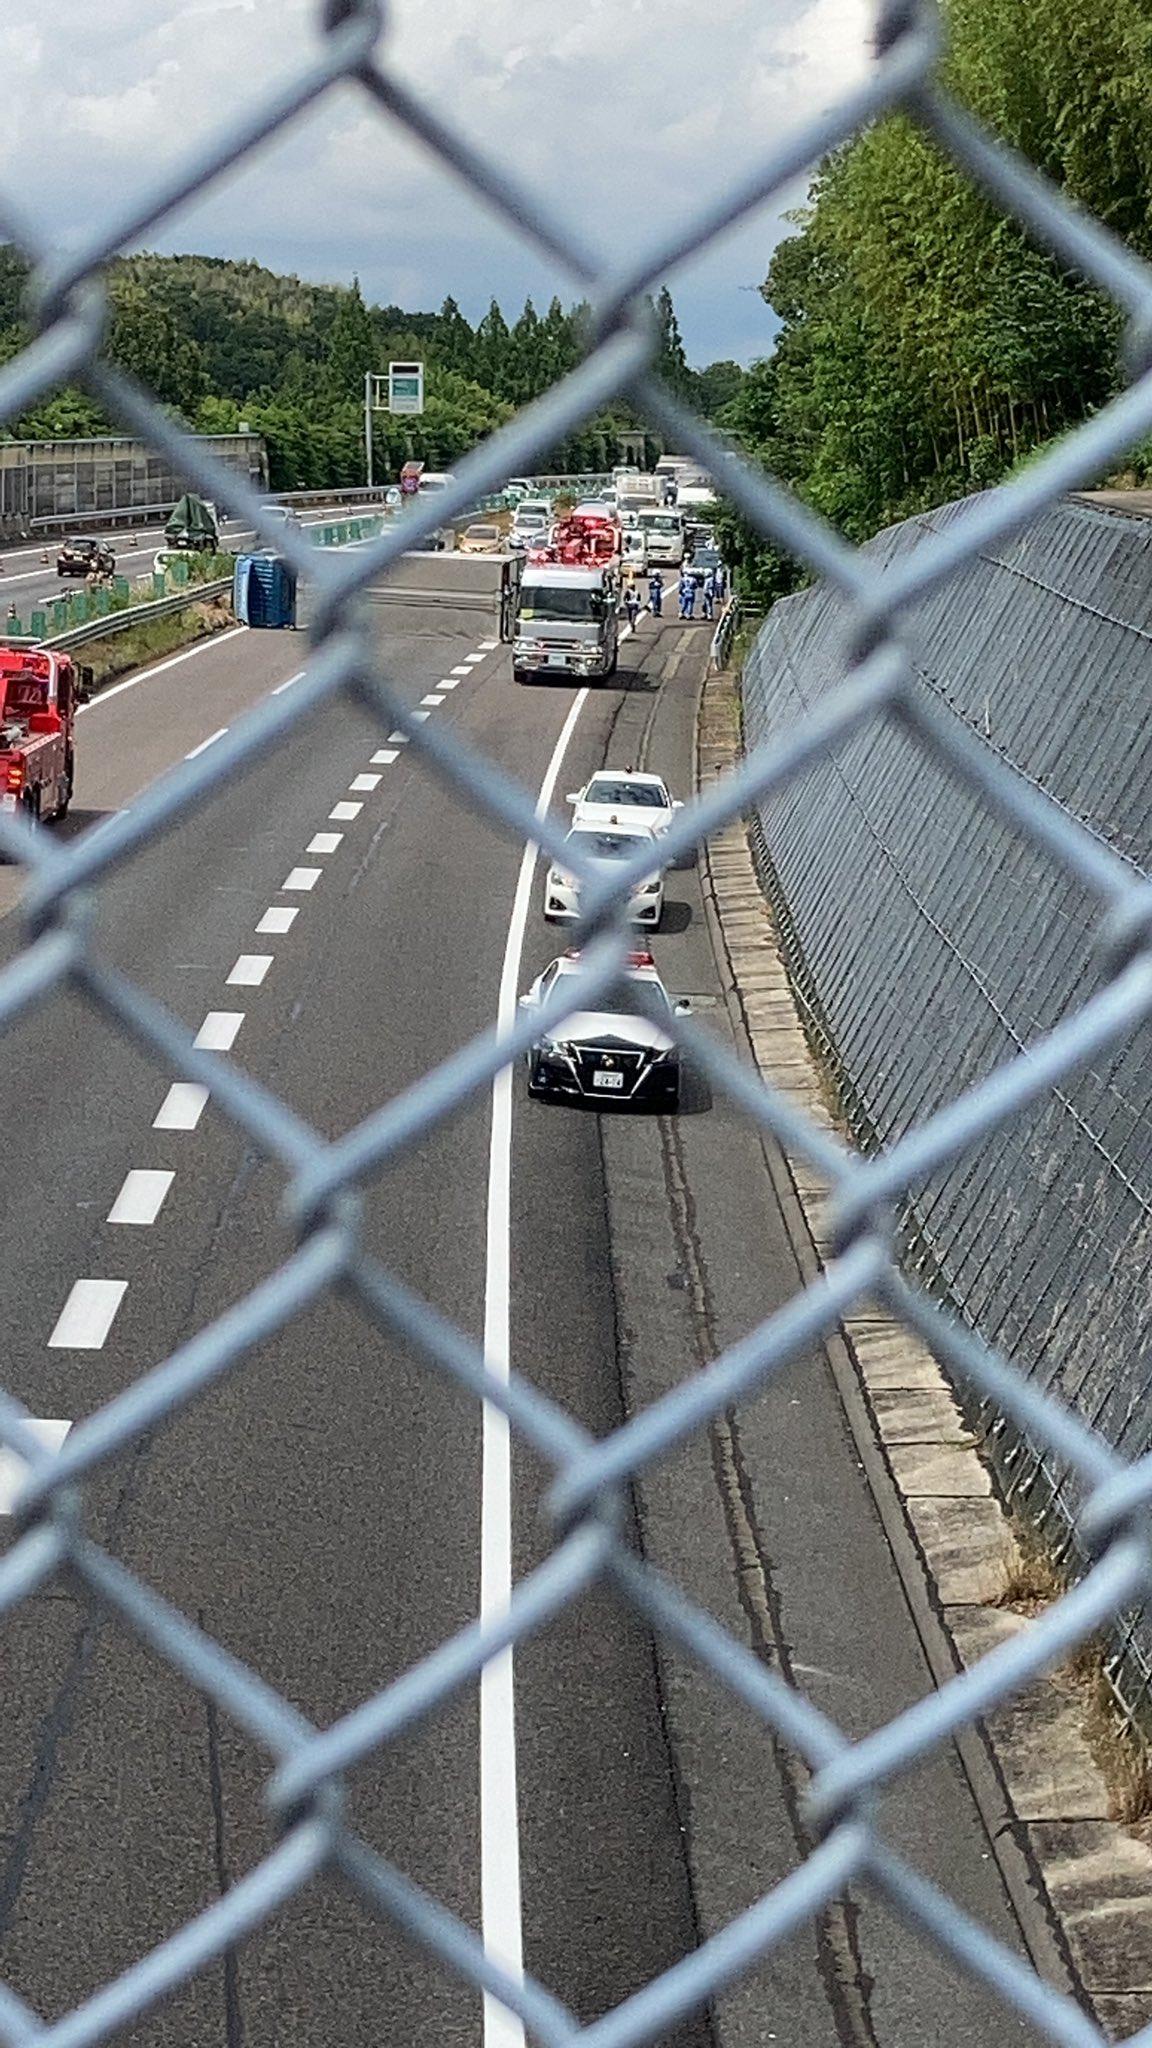 東名高速上り線の春日井IC~名古屋ICの横転事故現場の画像